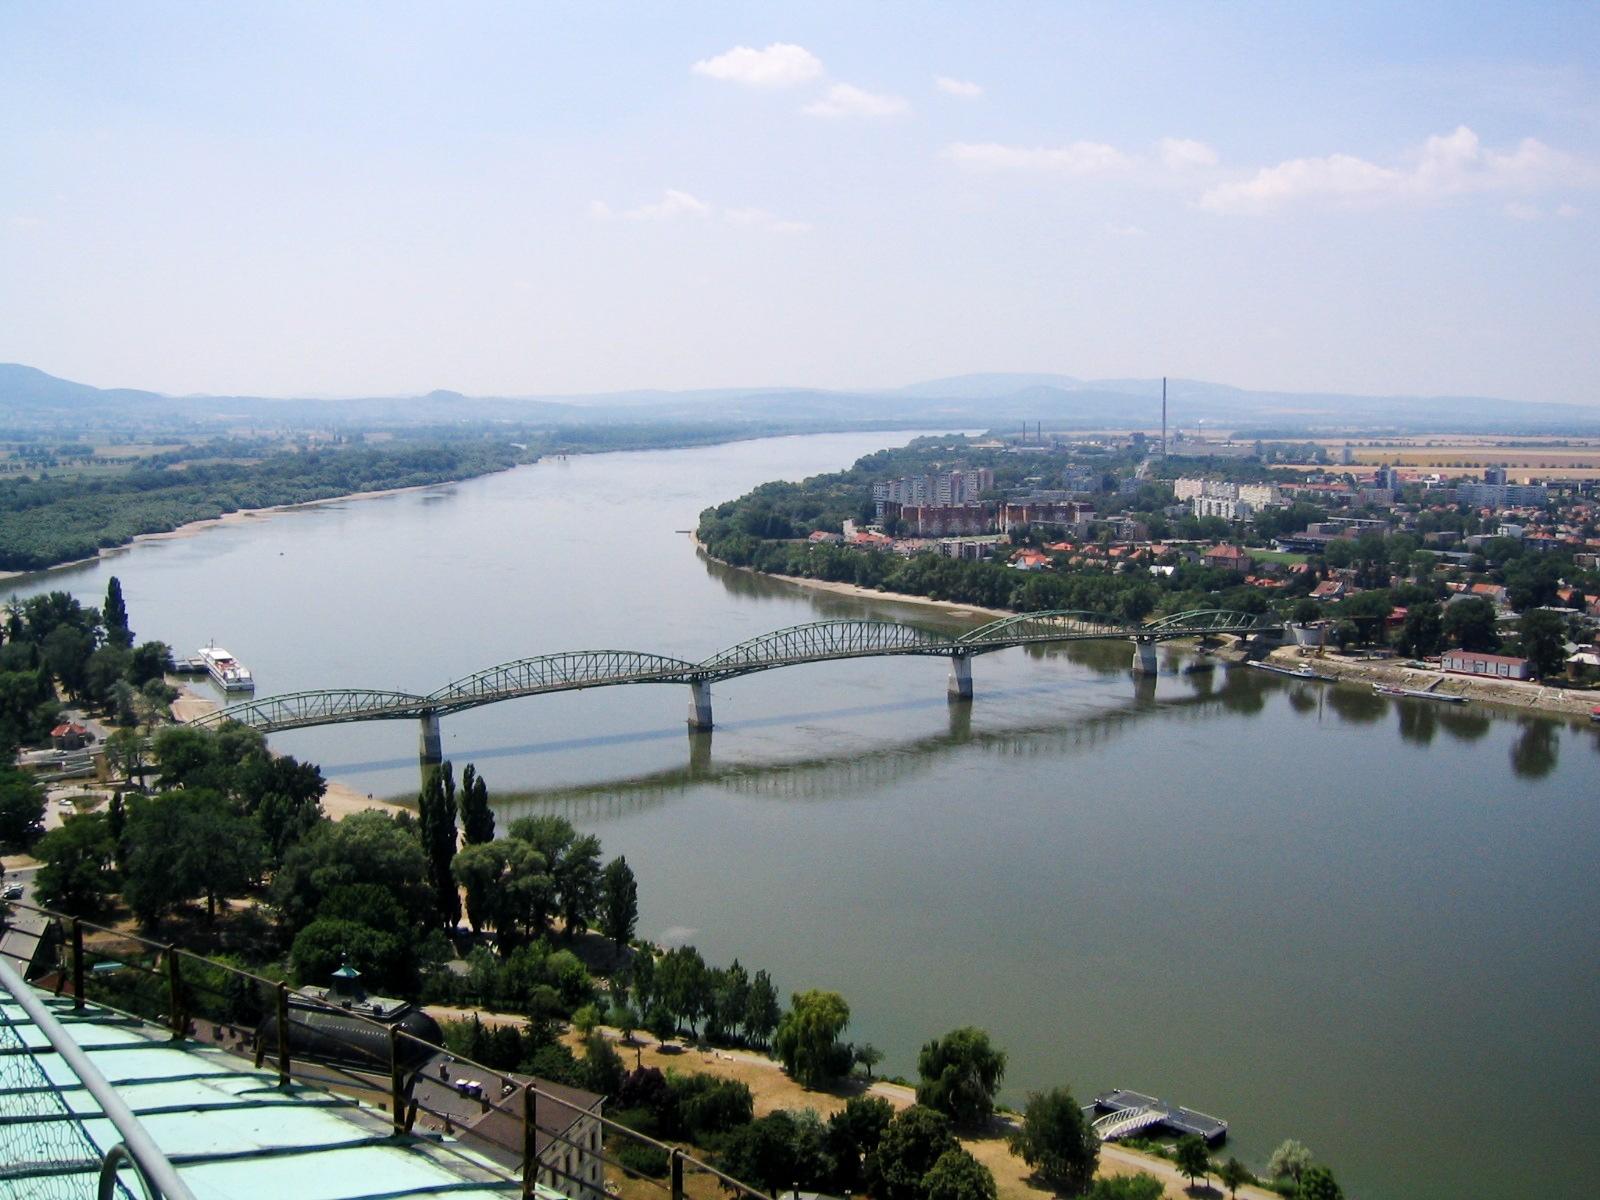 مياه الأنهار العذبة في أوروبا